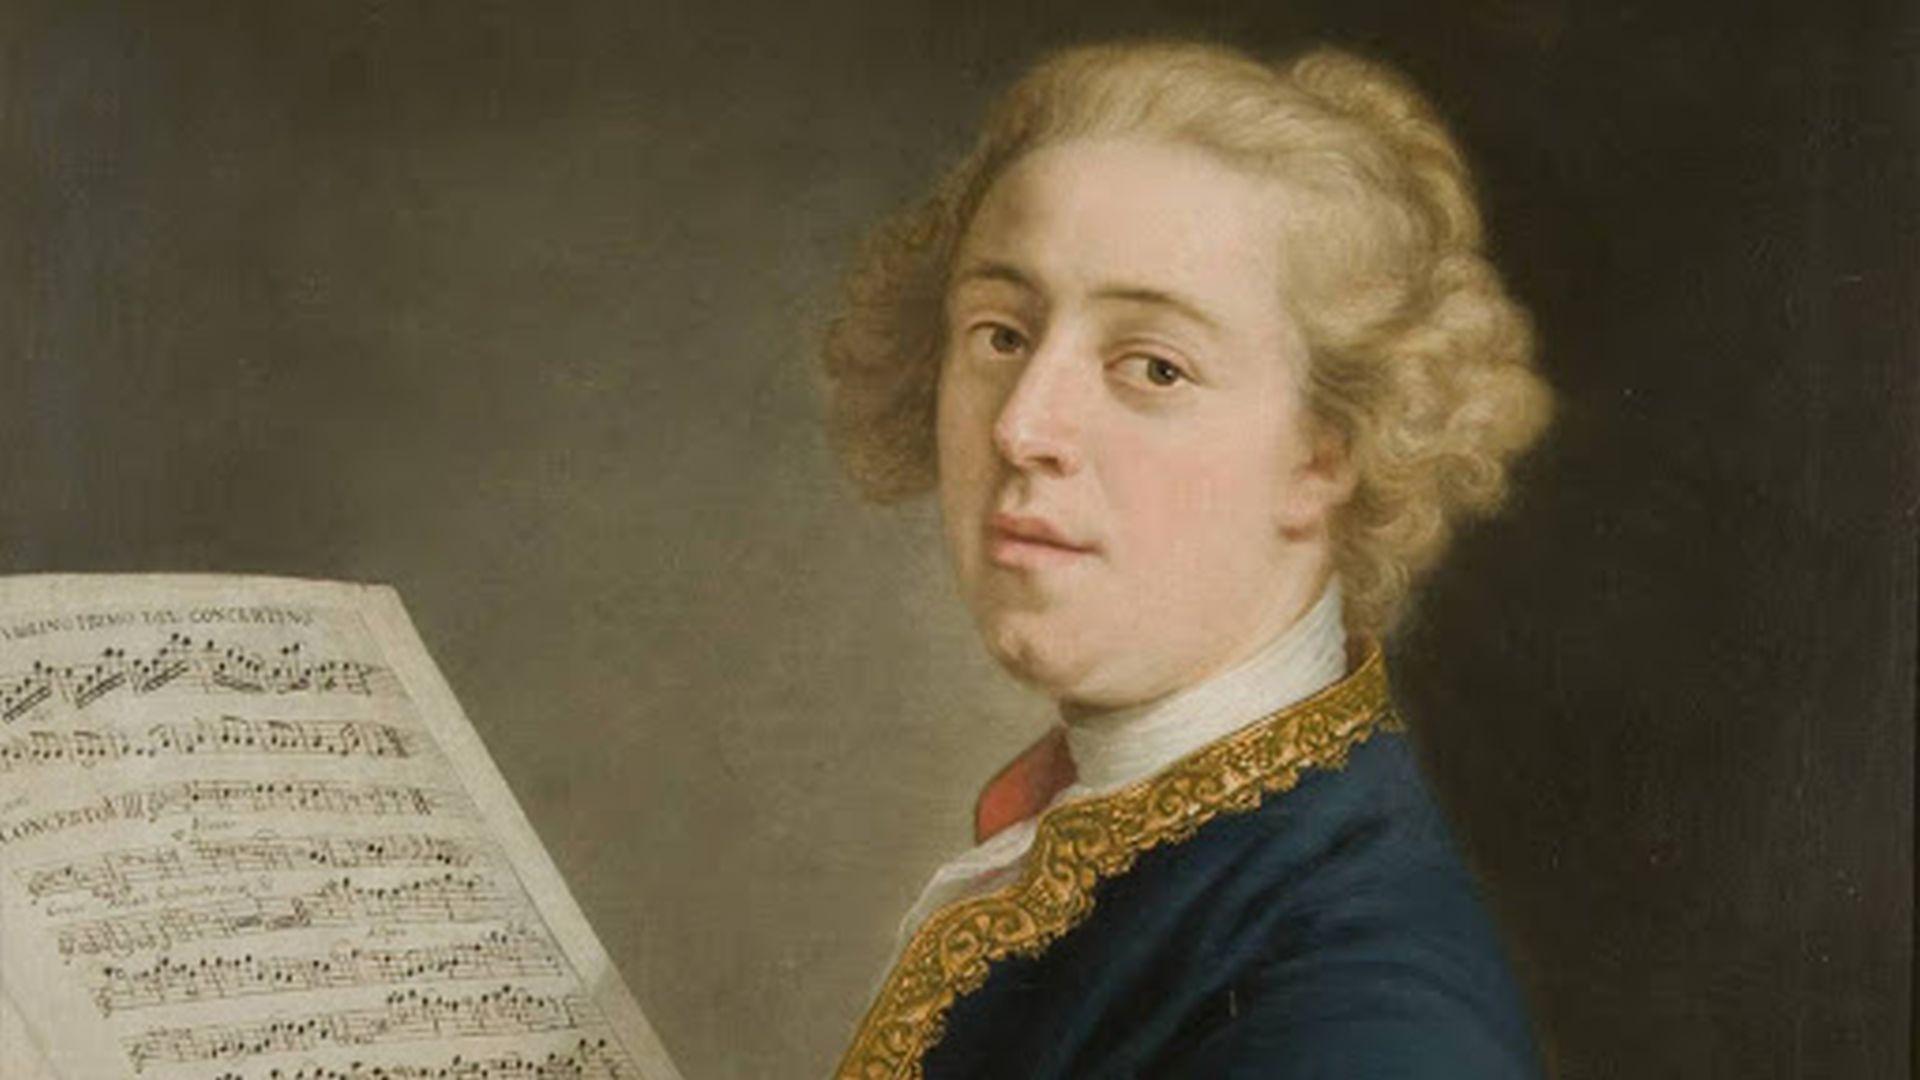 ritratto di Francesco Xaverio Geminiani compositore lucchese